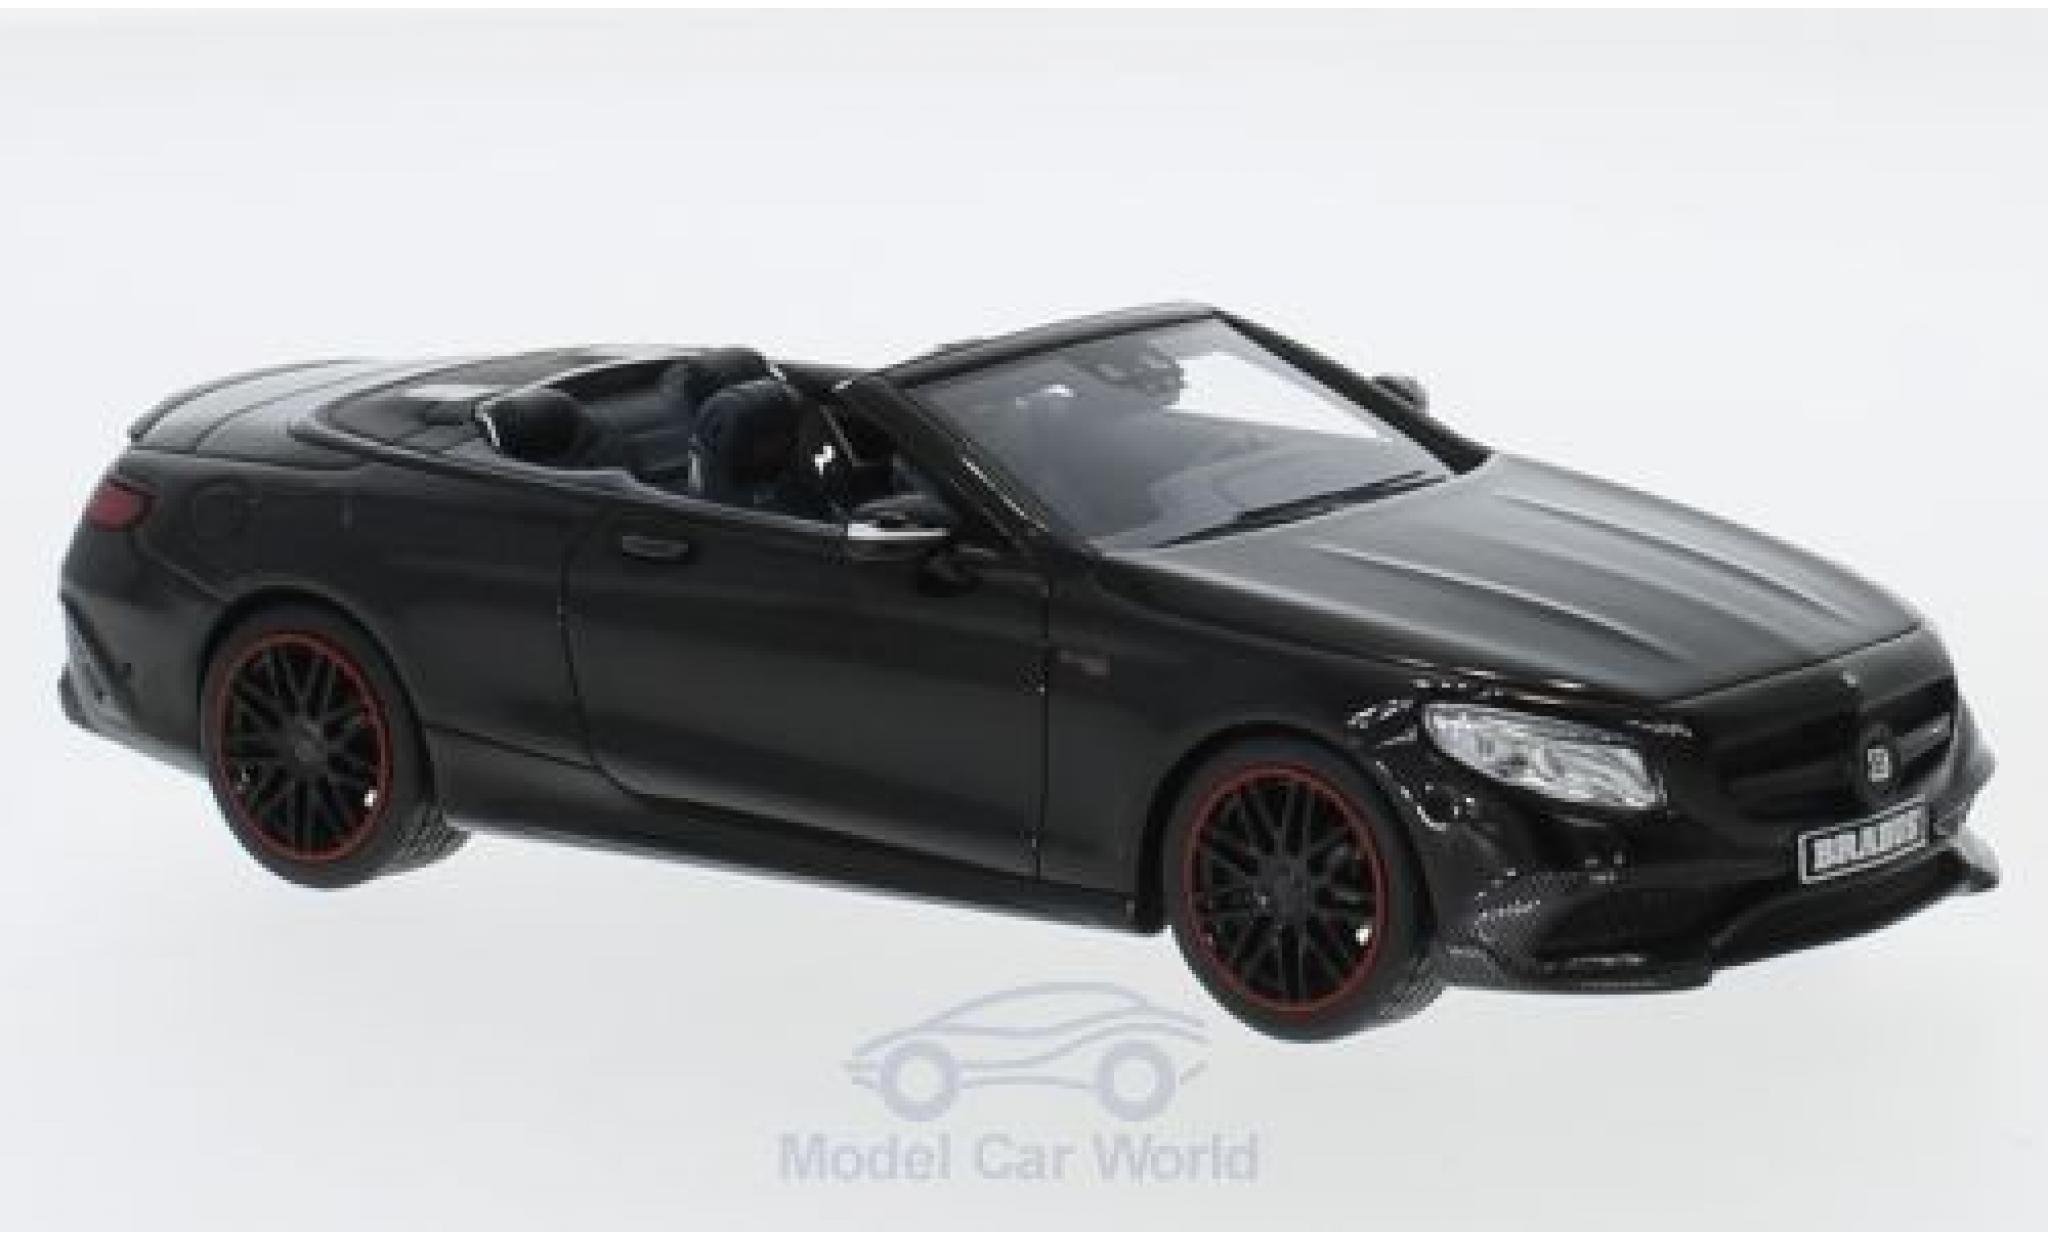 Mercedes Classe S 1/43 Minichamps Brabus 850 noire 2016 Basis AMG S 63 Cabriolet